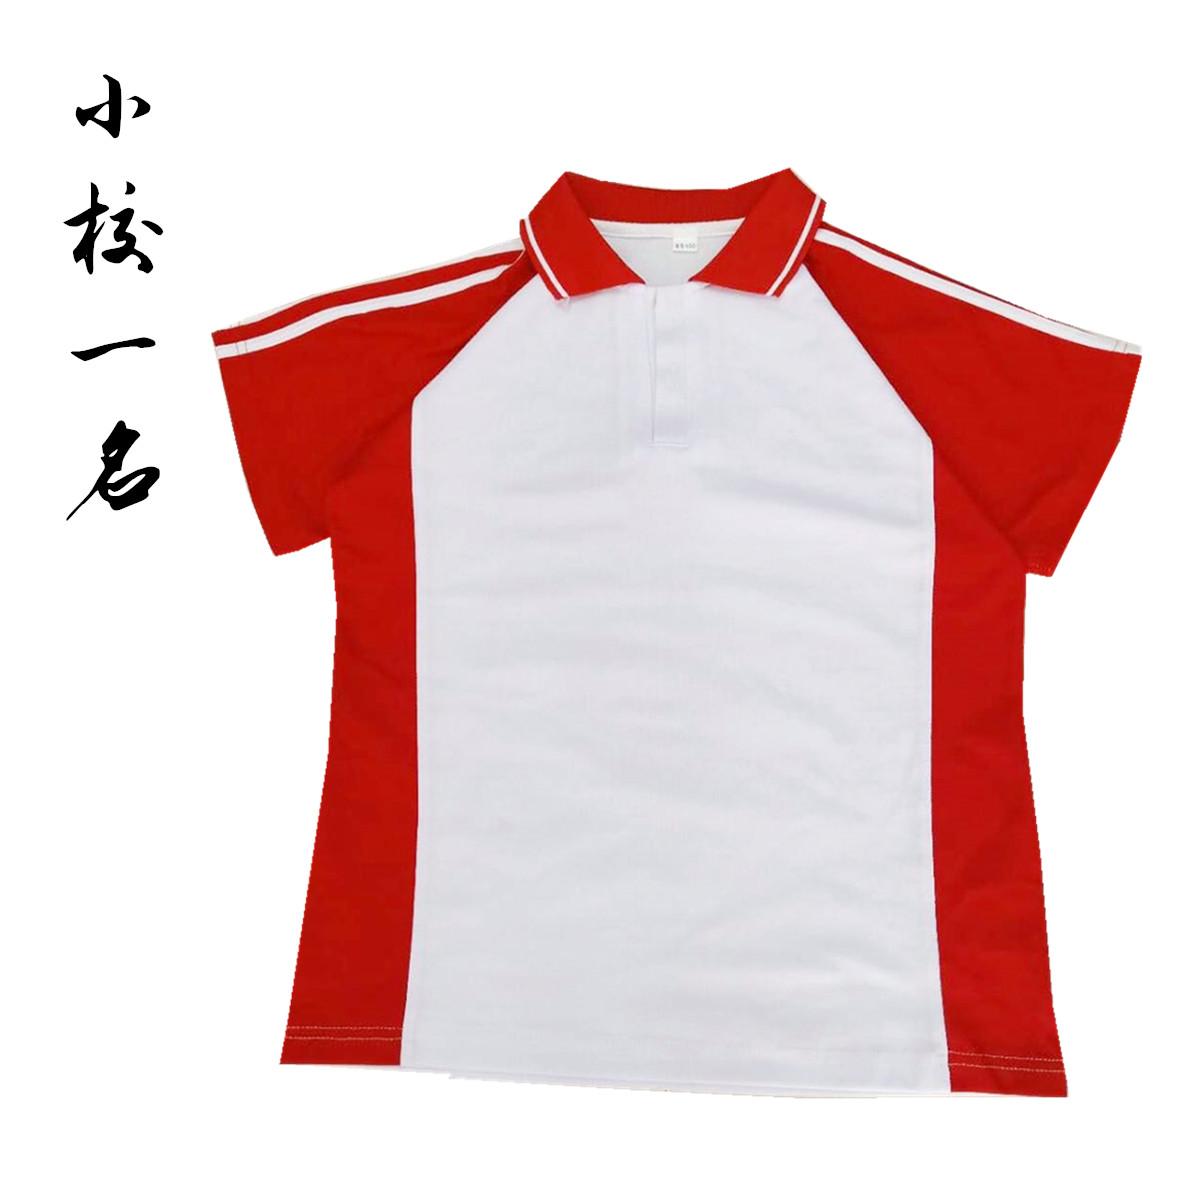 红白条杠老学生校服小学初高中条杠运动服师生大码班服光滑亮校服